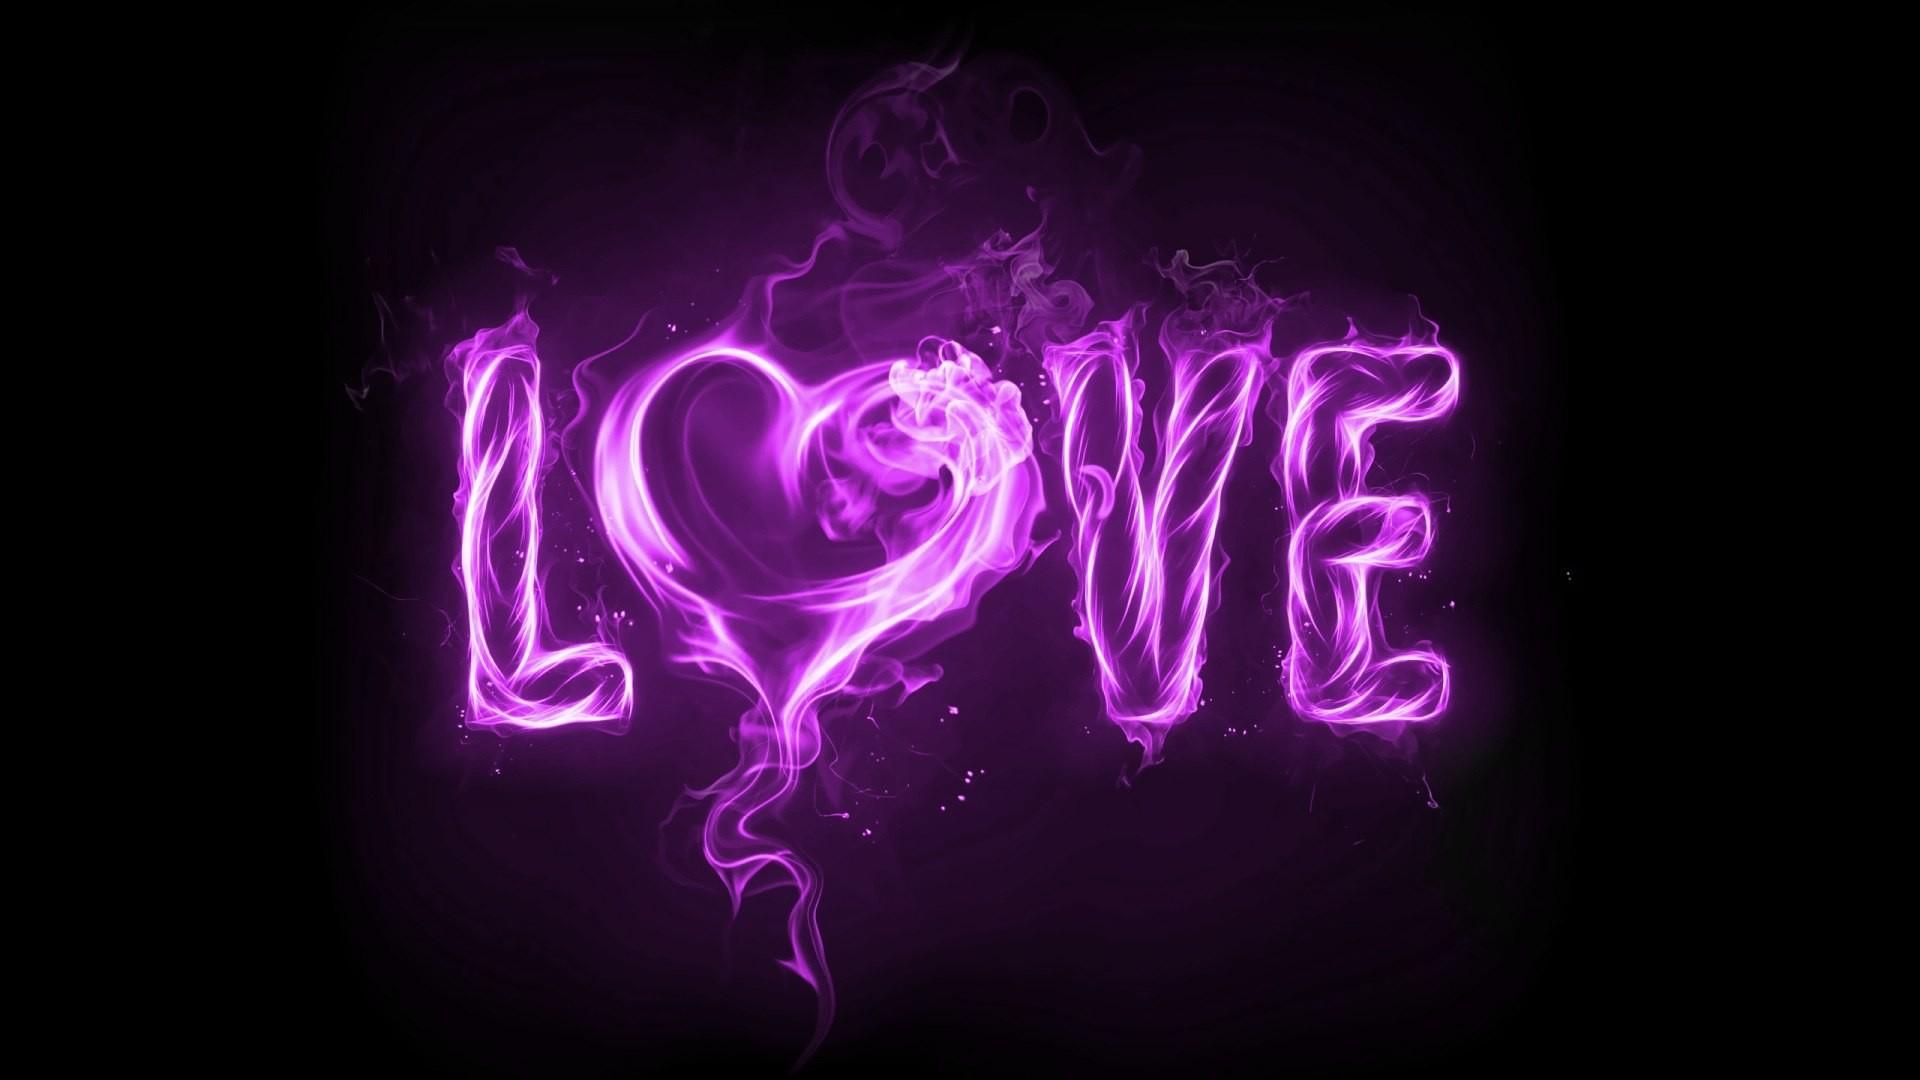 Love Wallpapers Widescreen